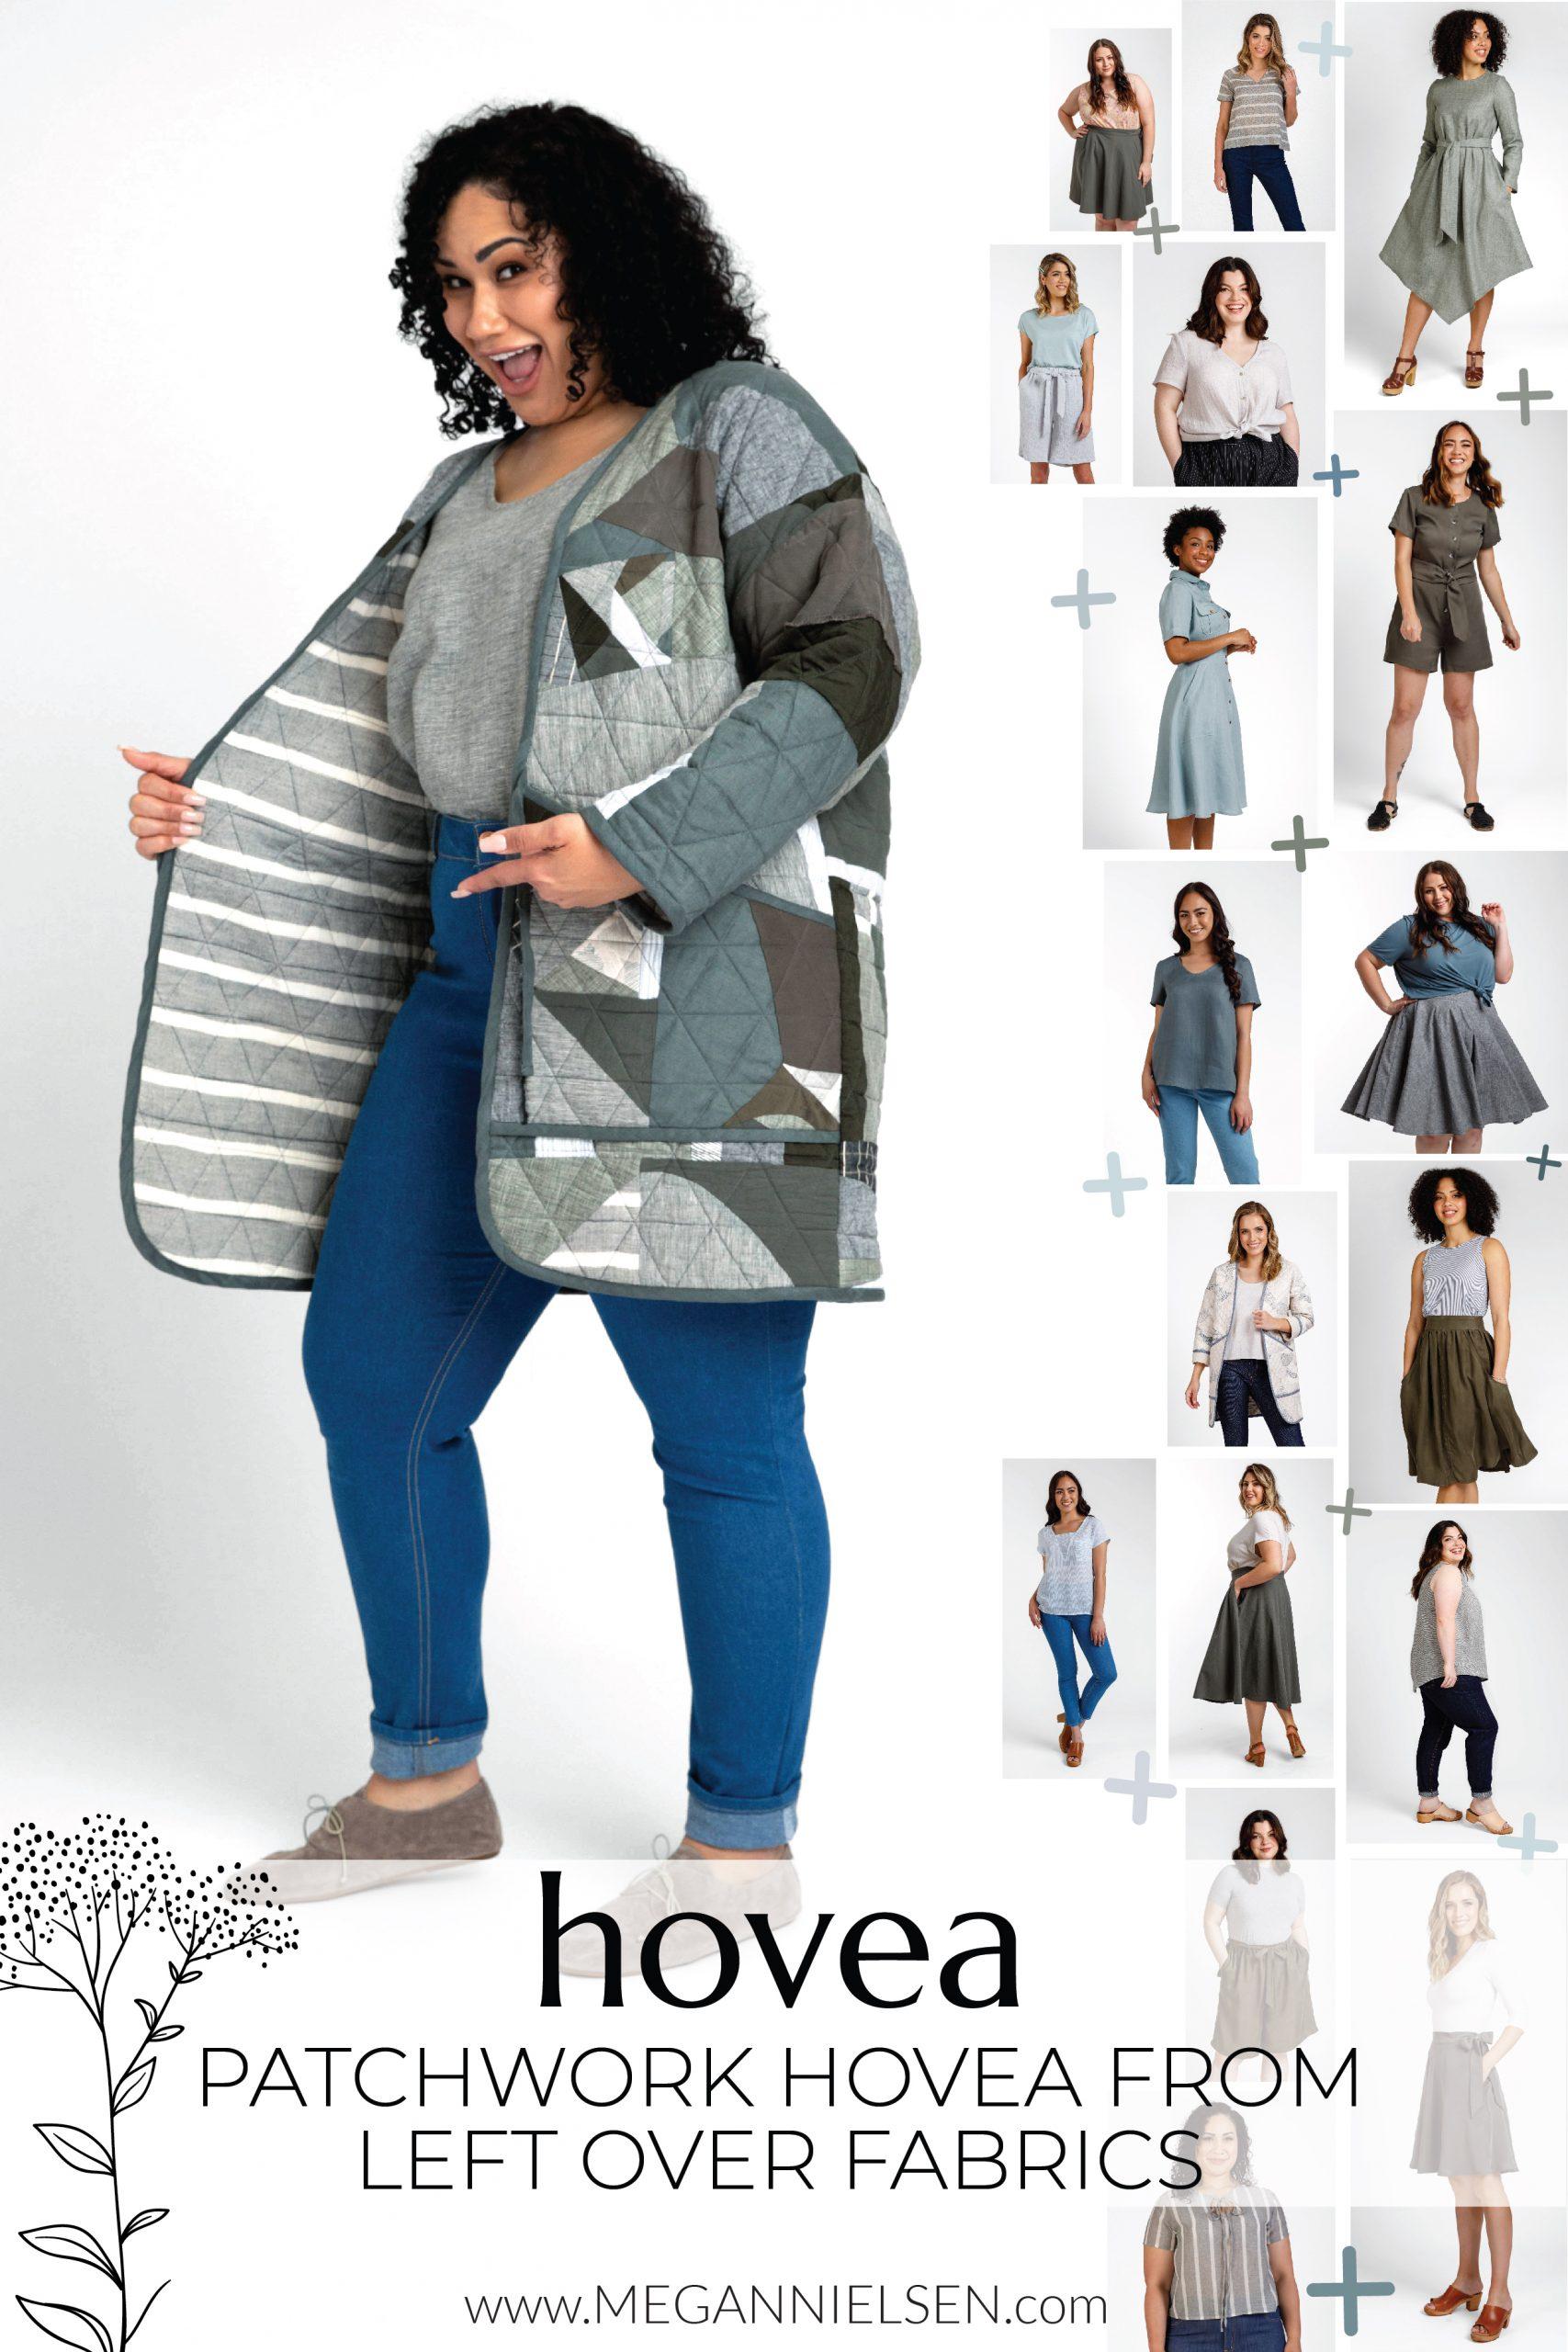 Megan Nielsen Patterns | Patchwork Hovea From Leftover Fabrics